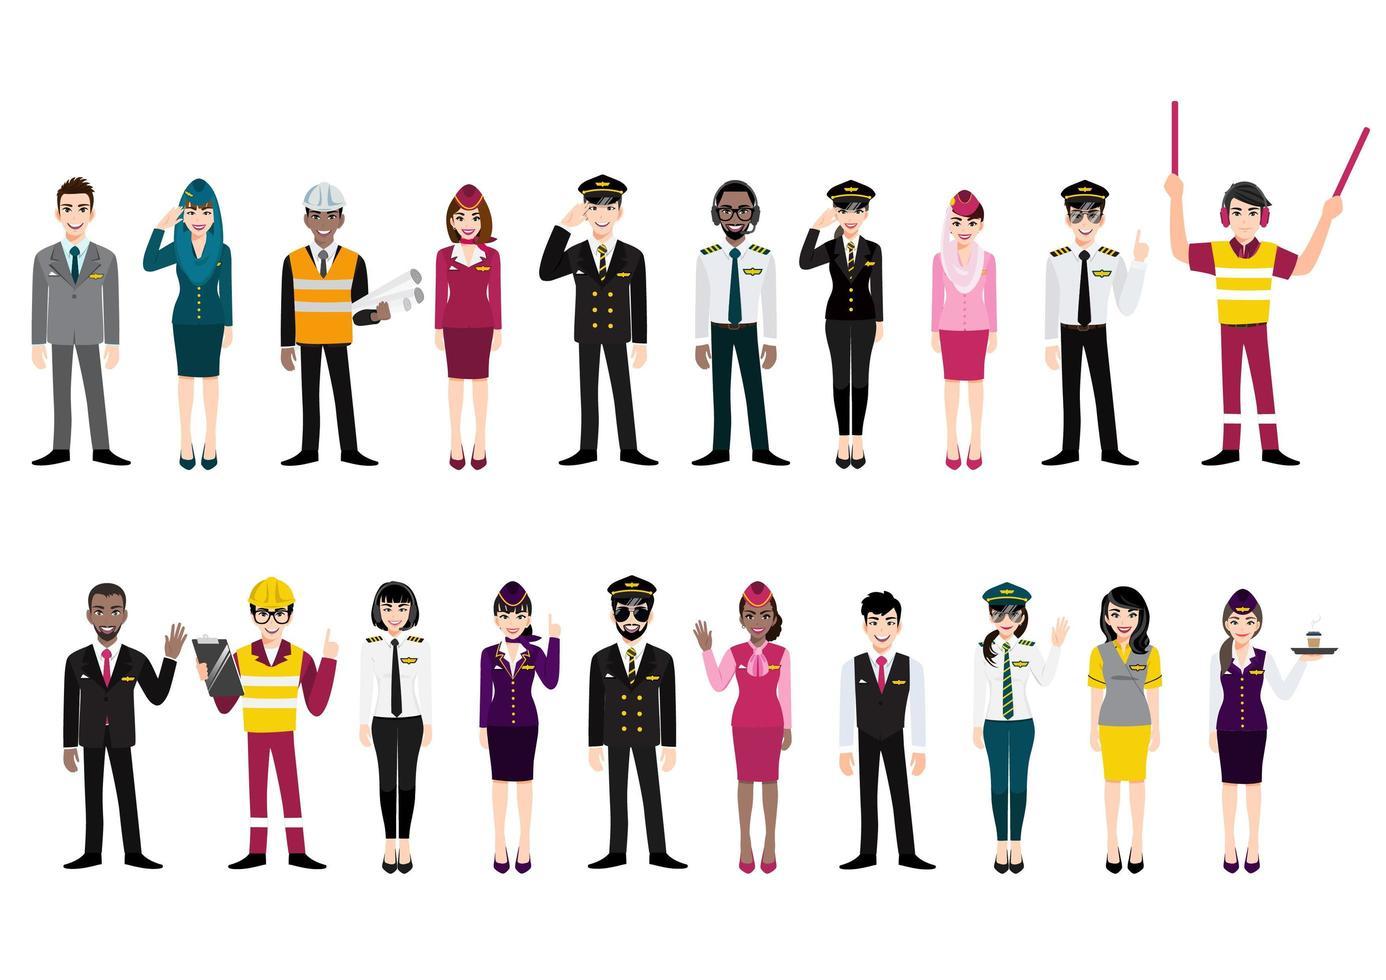 grupo de tripulantes del aeropuerto y trabajadores de aerolíneas internacionales vector